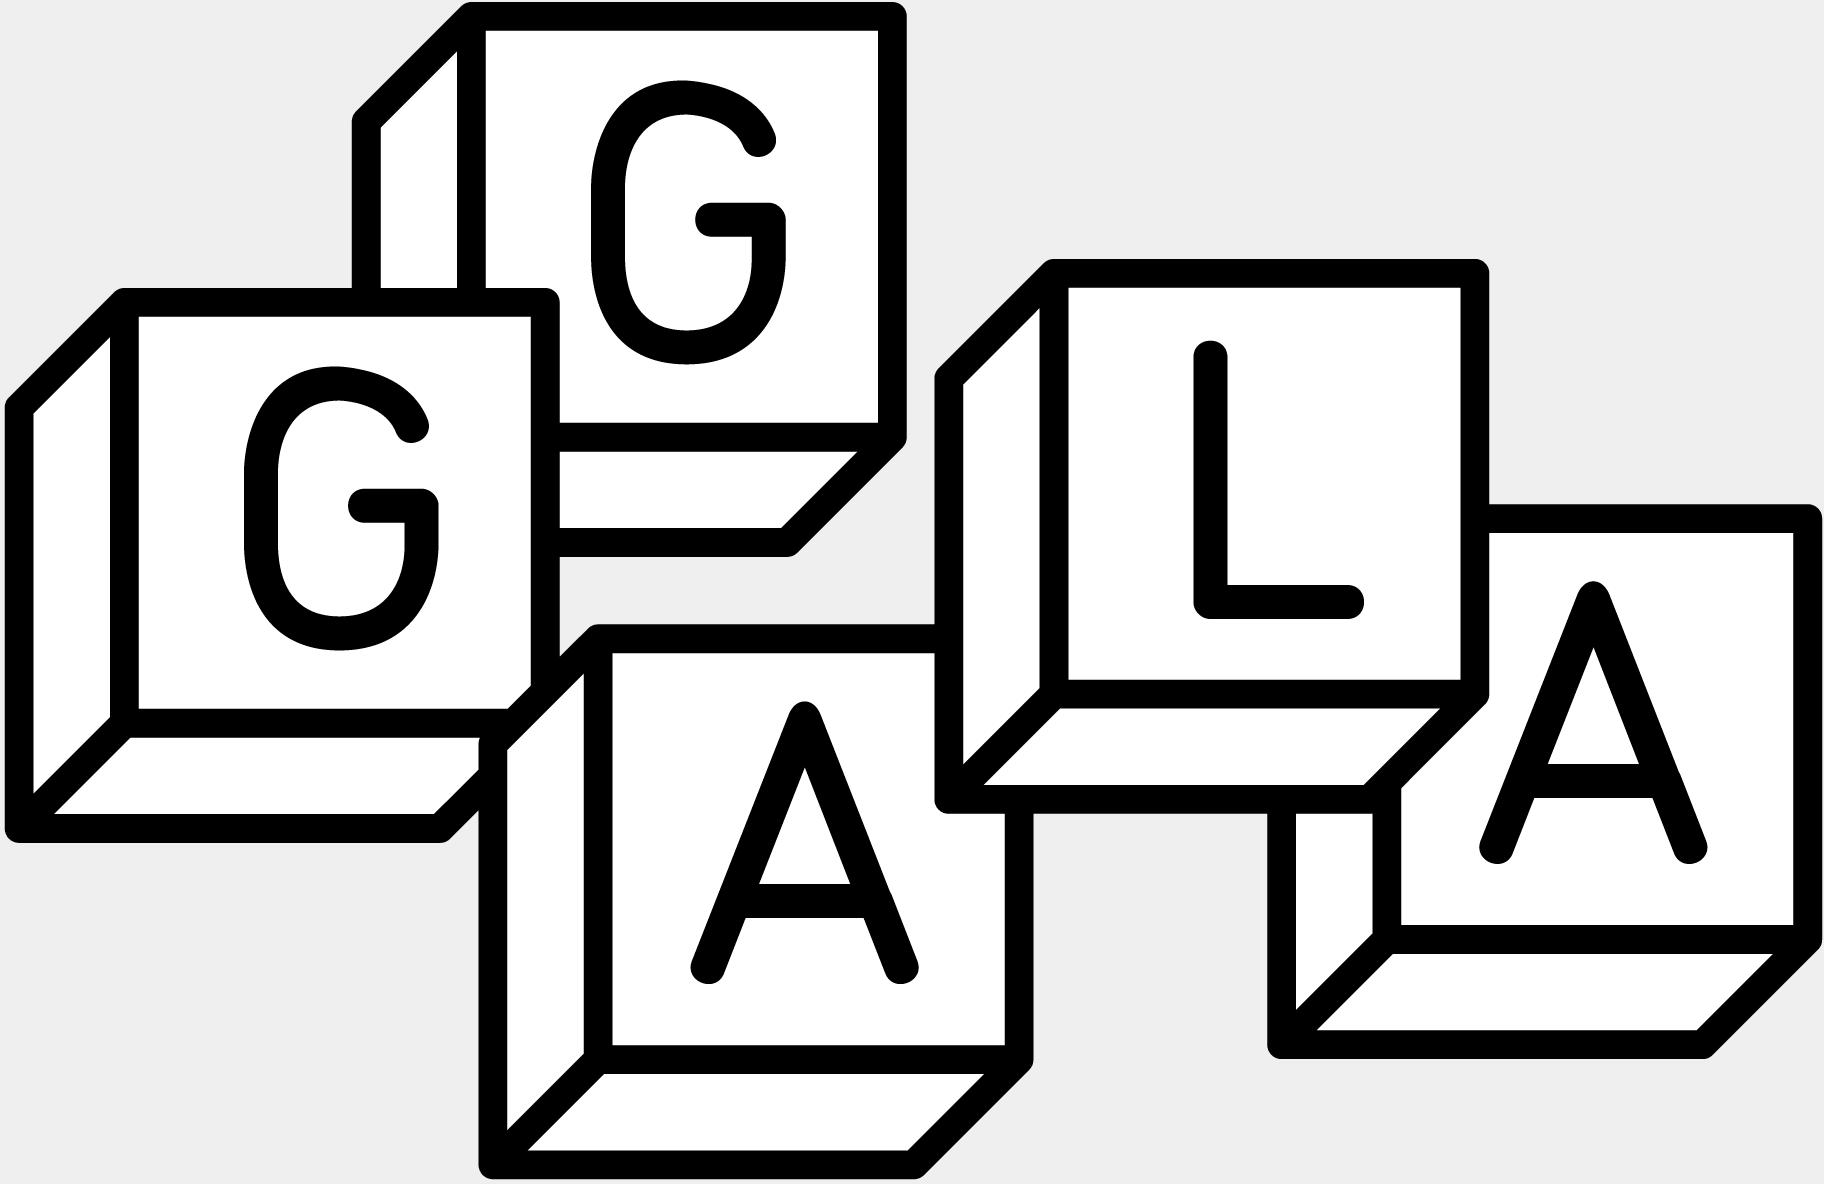 Logotype de l'association des galeries d'art lausannoises.